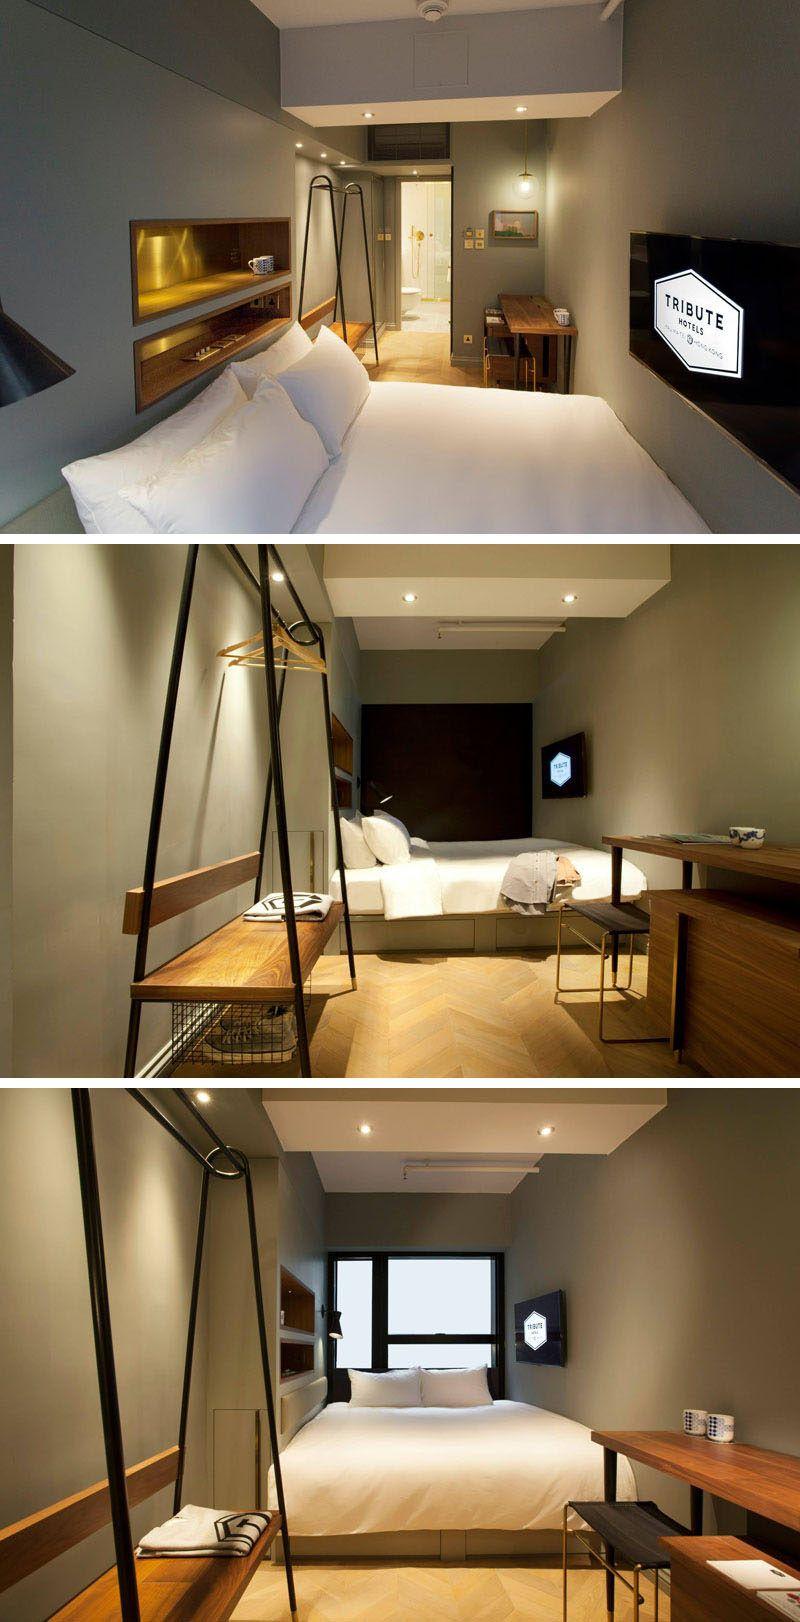 Small Hotel Room Design